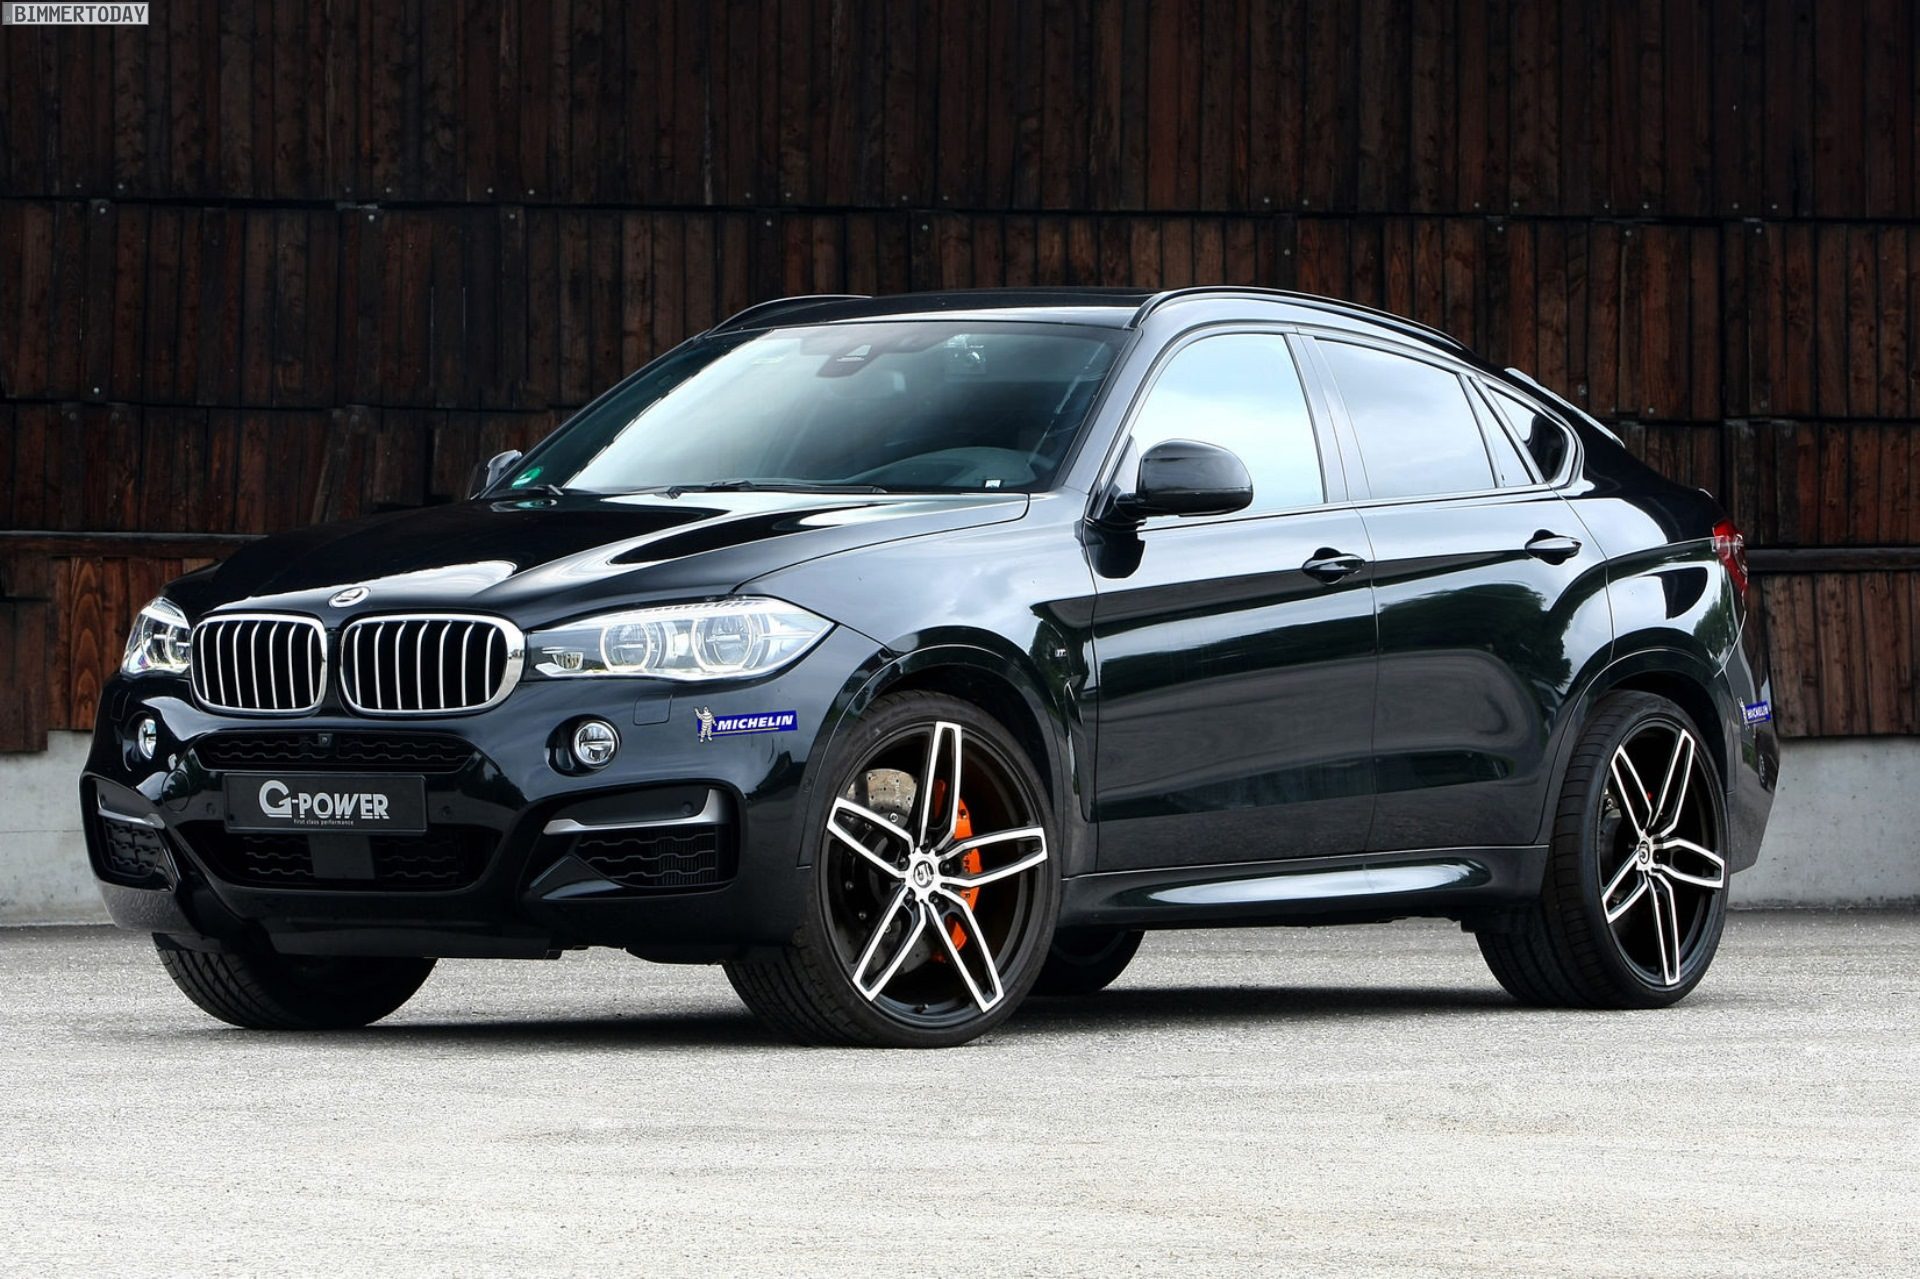 G Power BMW X6 M50d Diesel Tuning sorgt für 455 PS